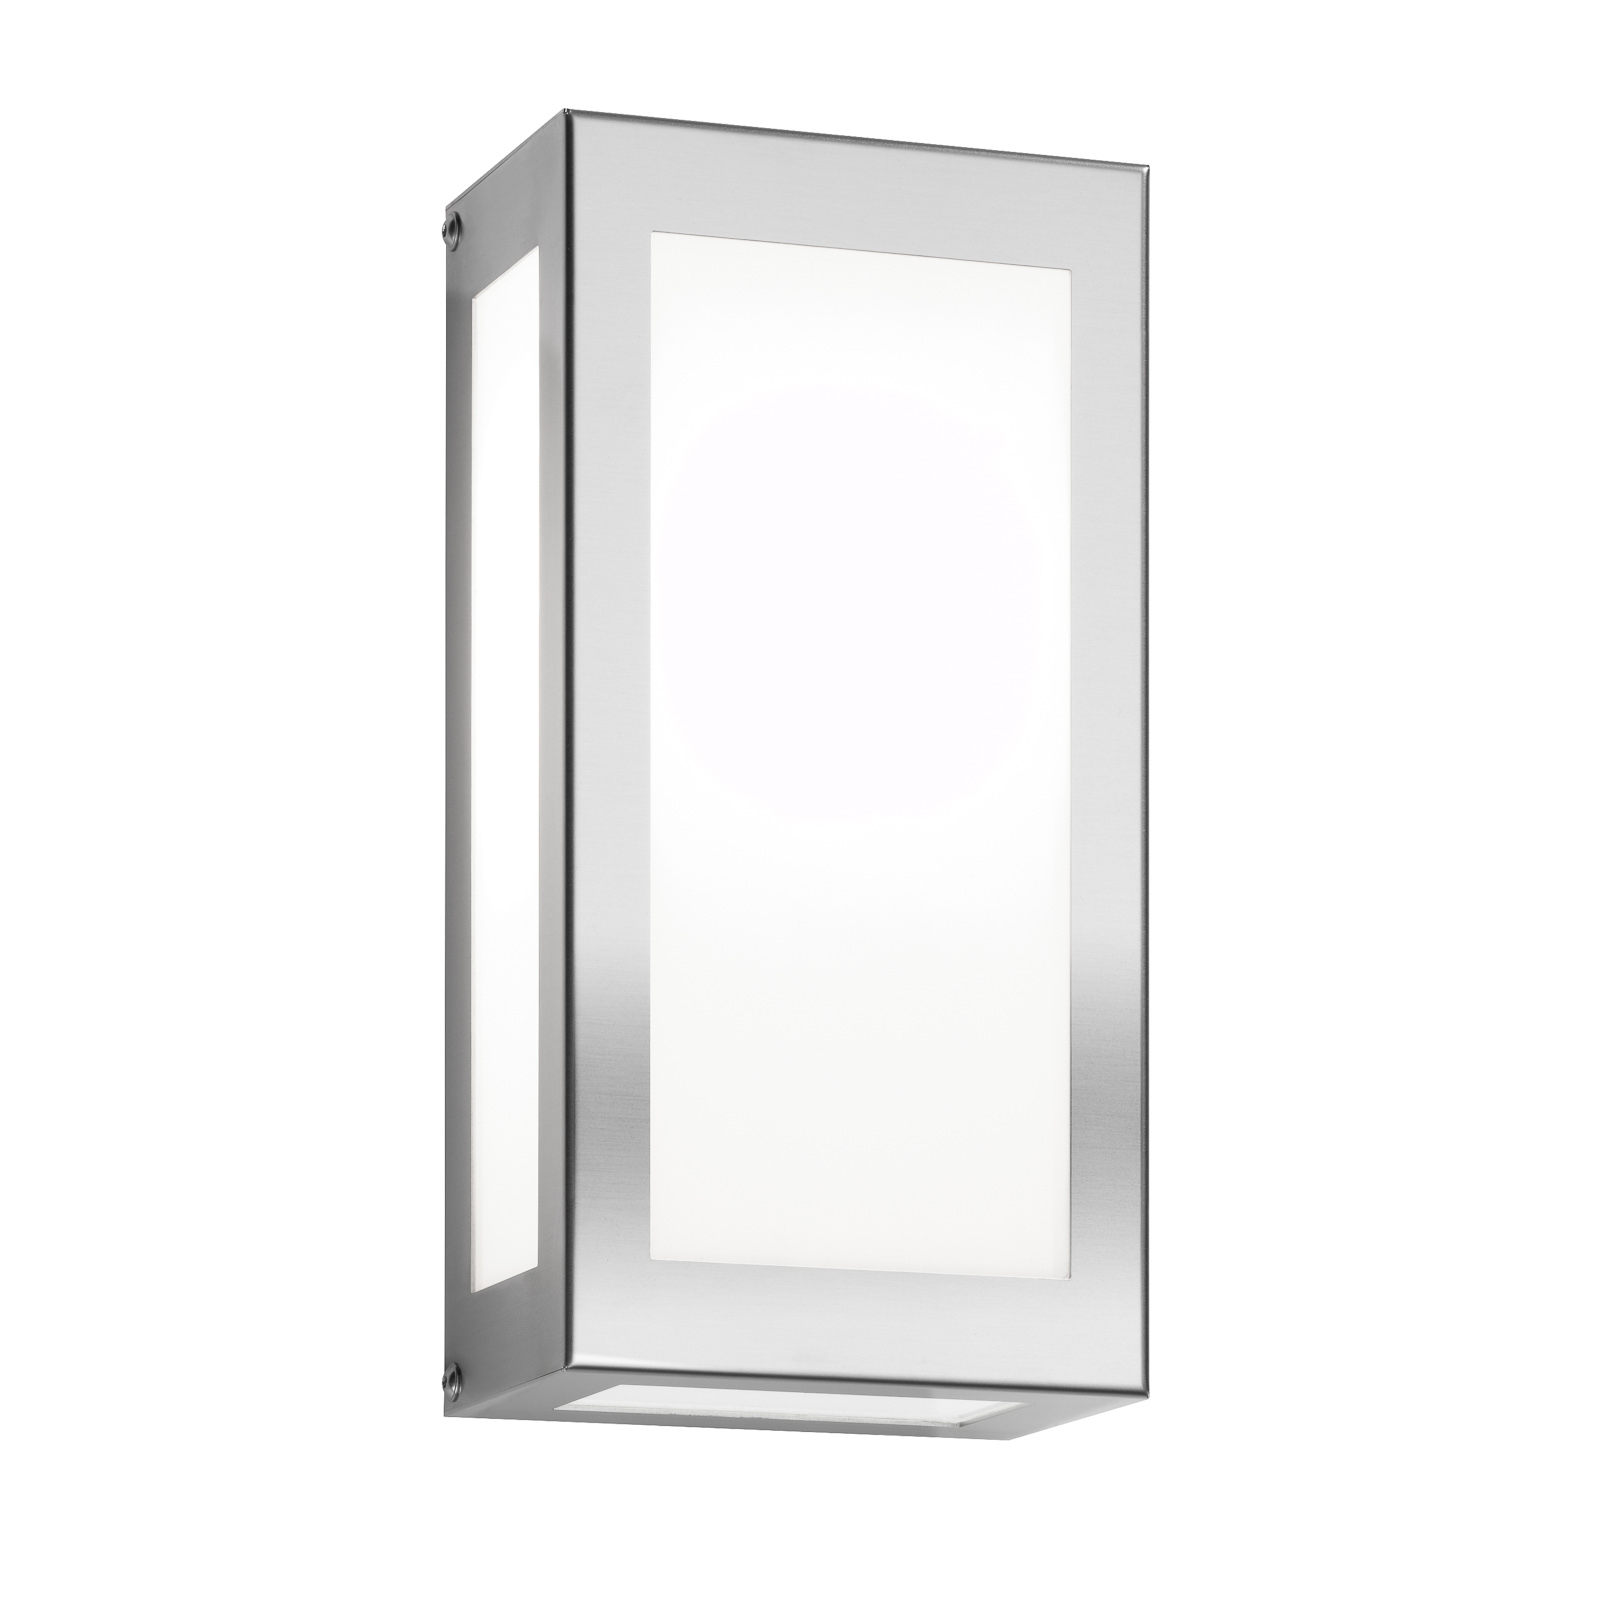 Applique d'extérieur LED Kina